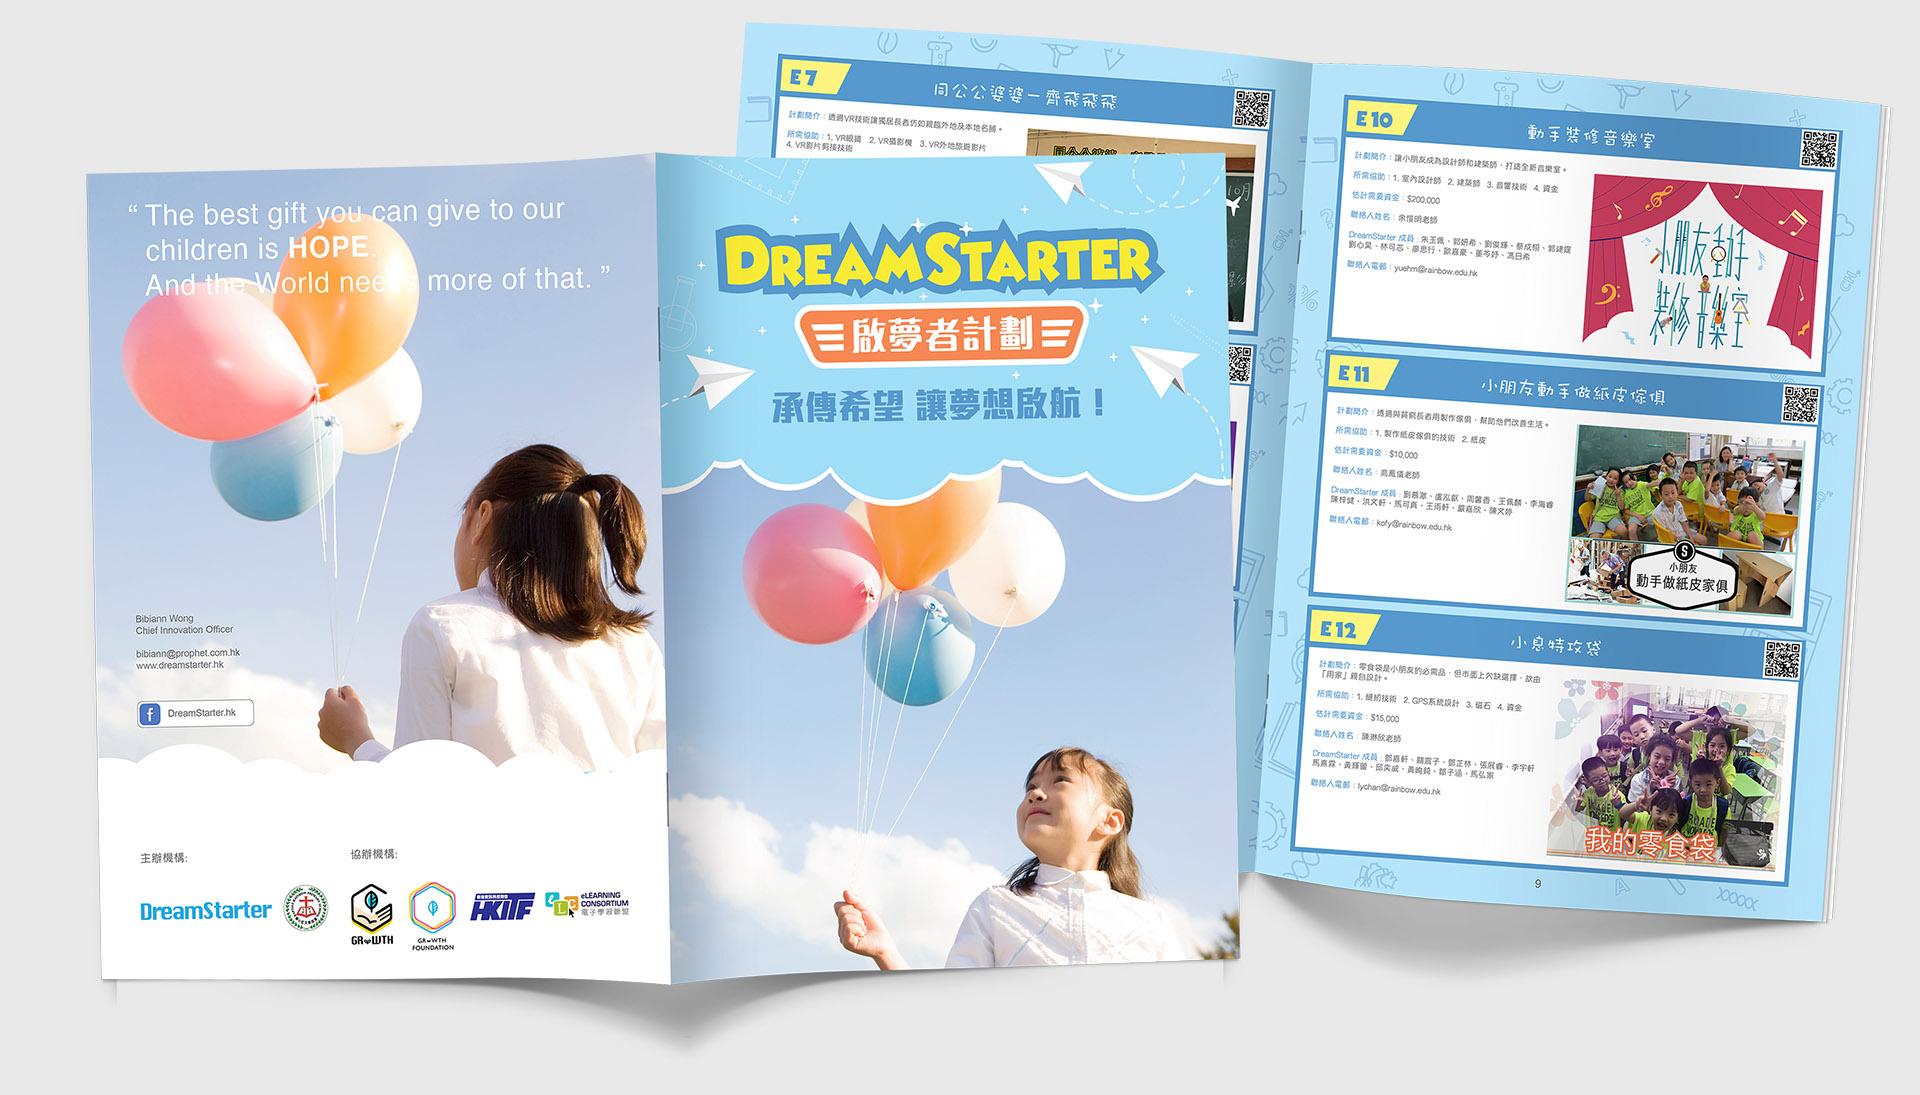 dreamstarter.jpg